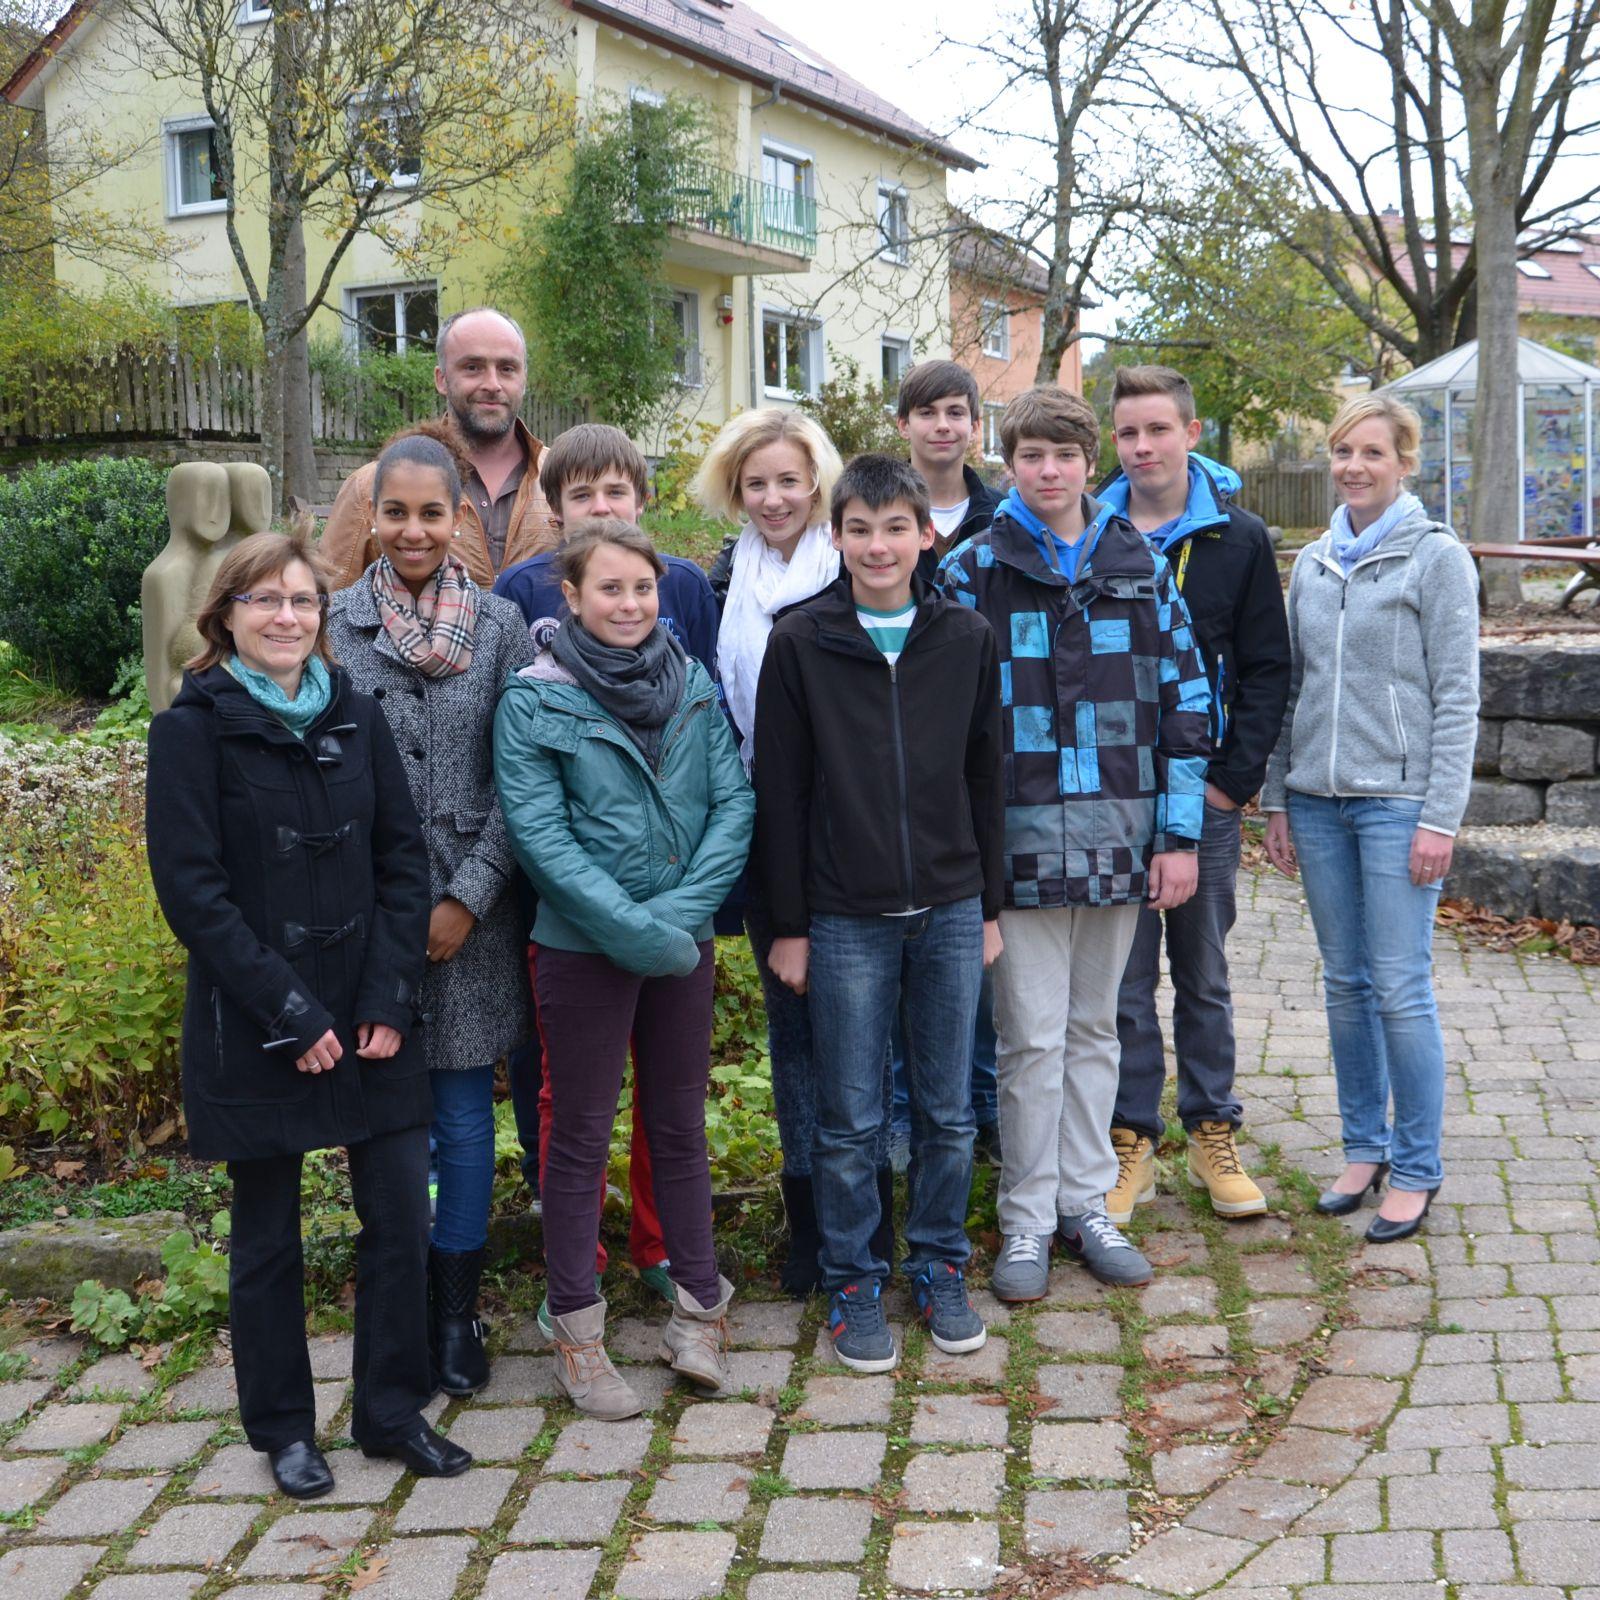 Klasse R9b spendet 120 € an Albert-Schweitzer-Kinderdorf